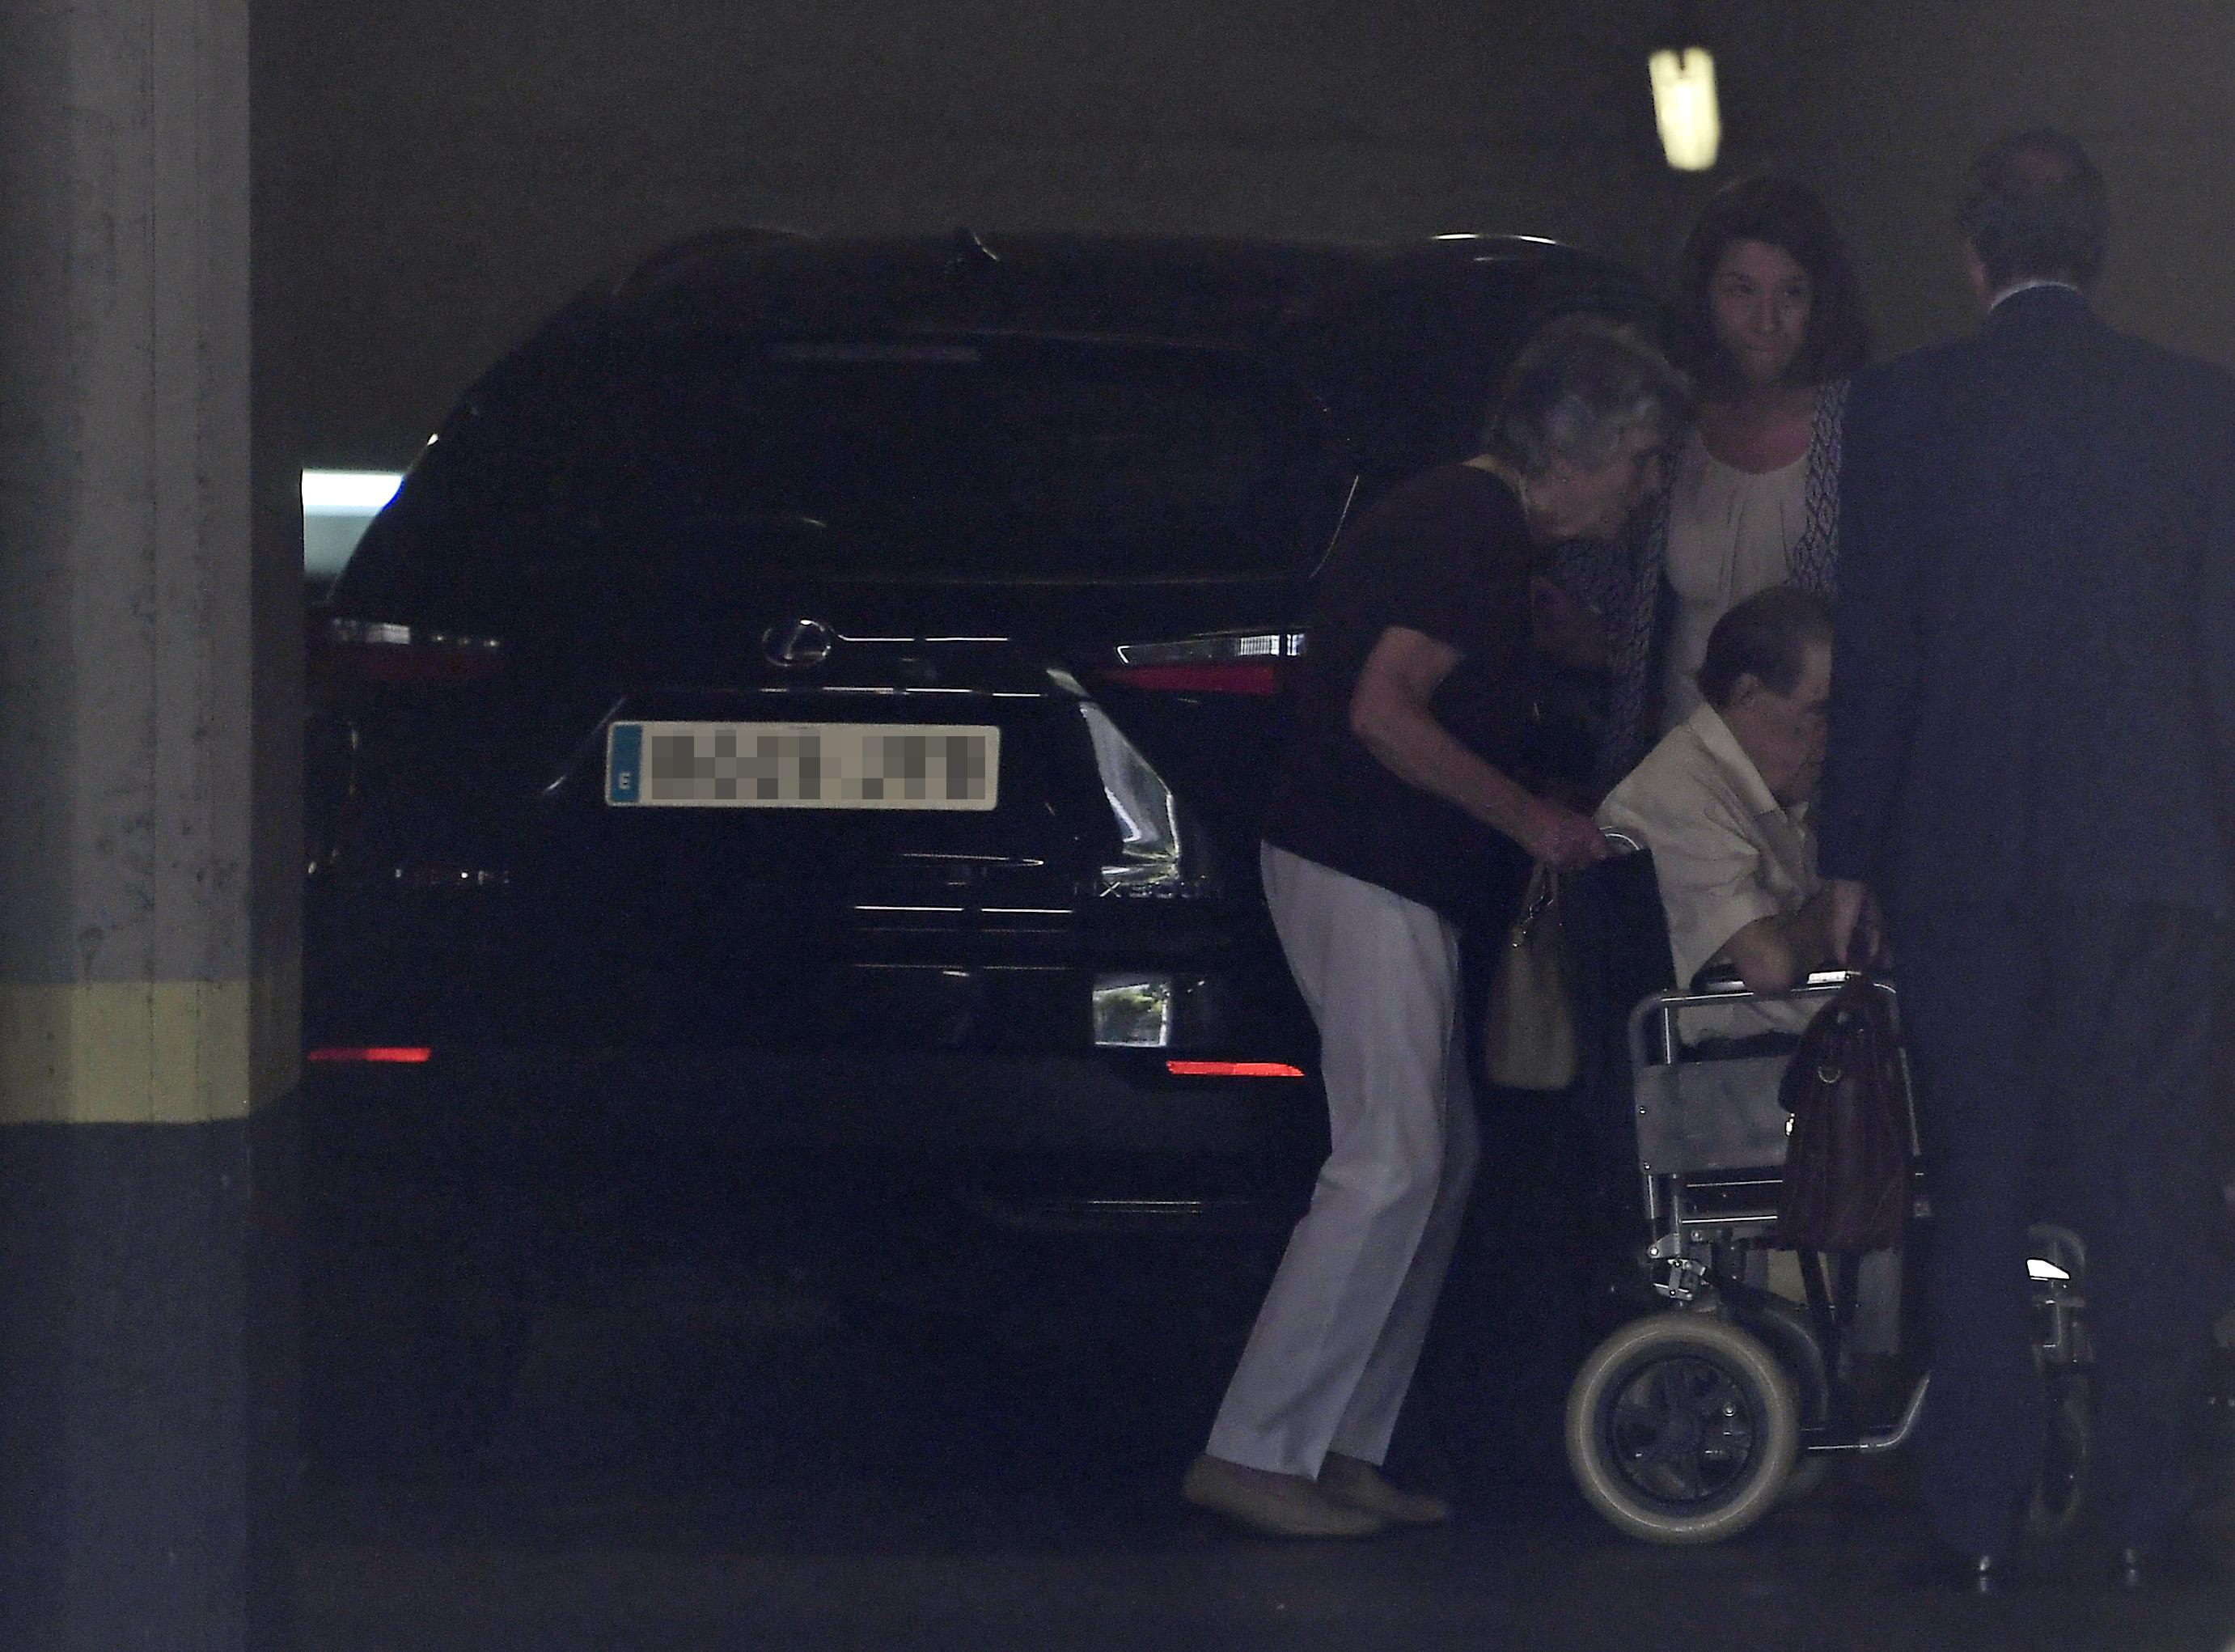 Kórházba került a spanyol orvos, aki a vád szerint részt vett az évtizedekig tartó gyerekrablásokban